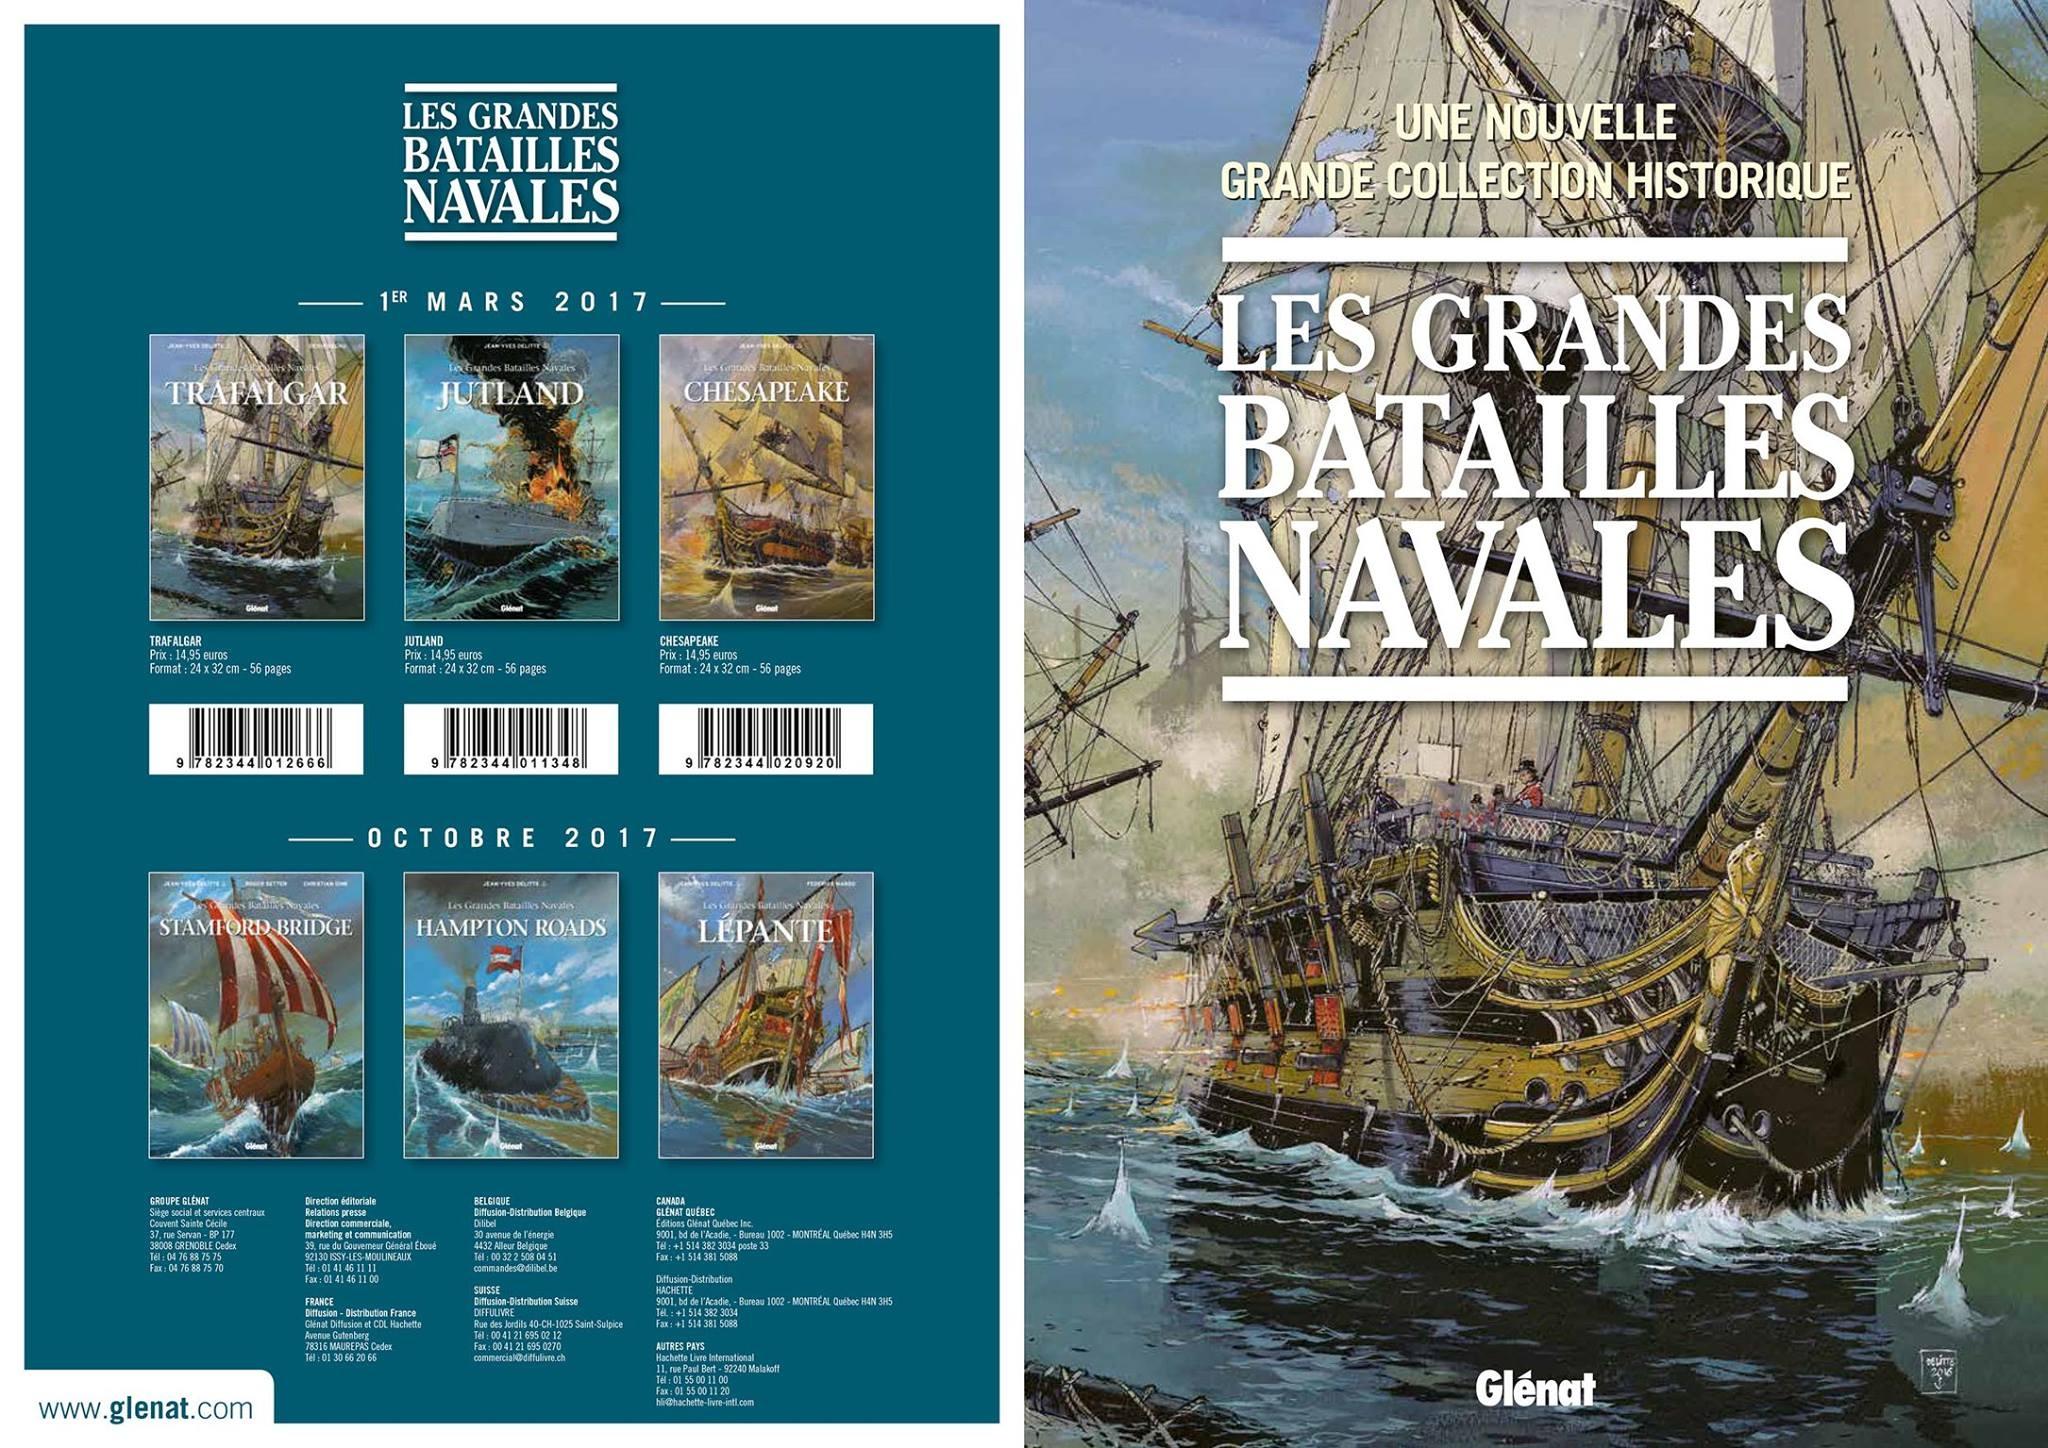 série,bd,éditions glénat,les grandes batailles navales,mer,océan,histoire,marin